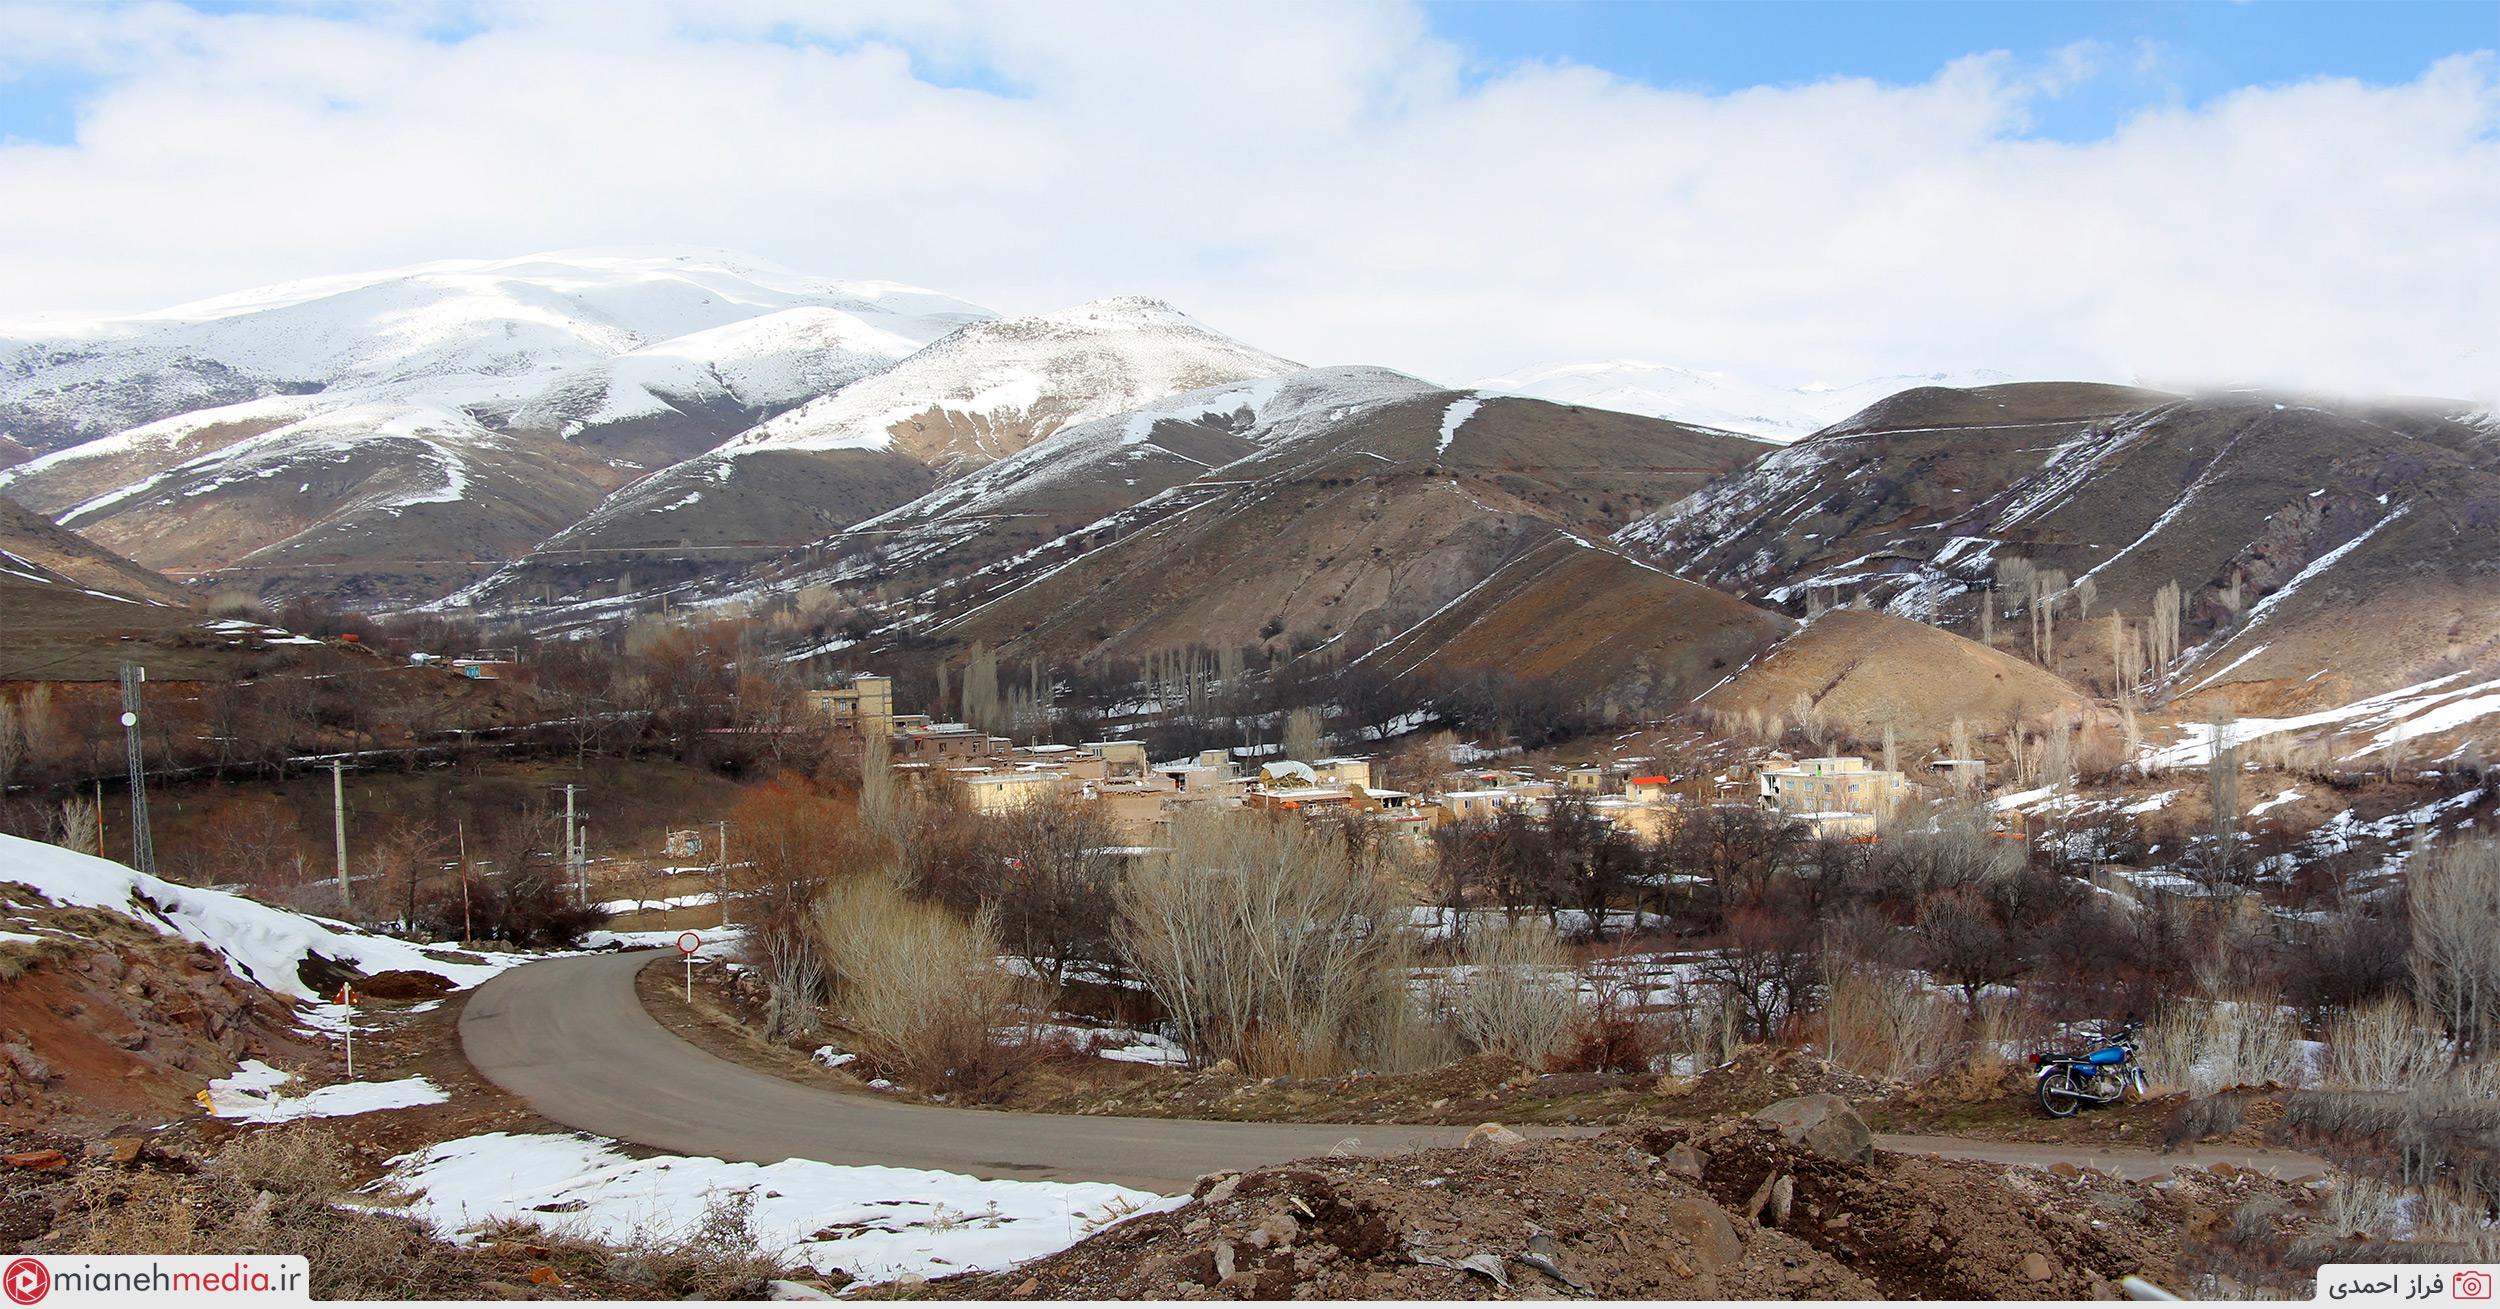 روستای بلوکان (بولوکان)